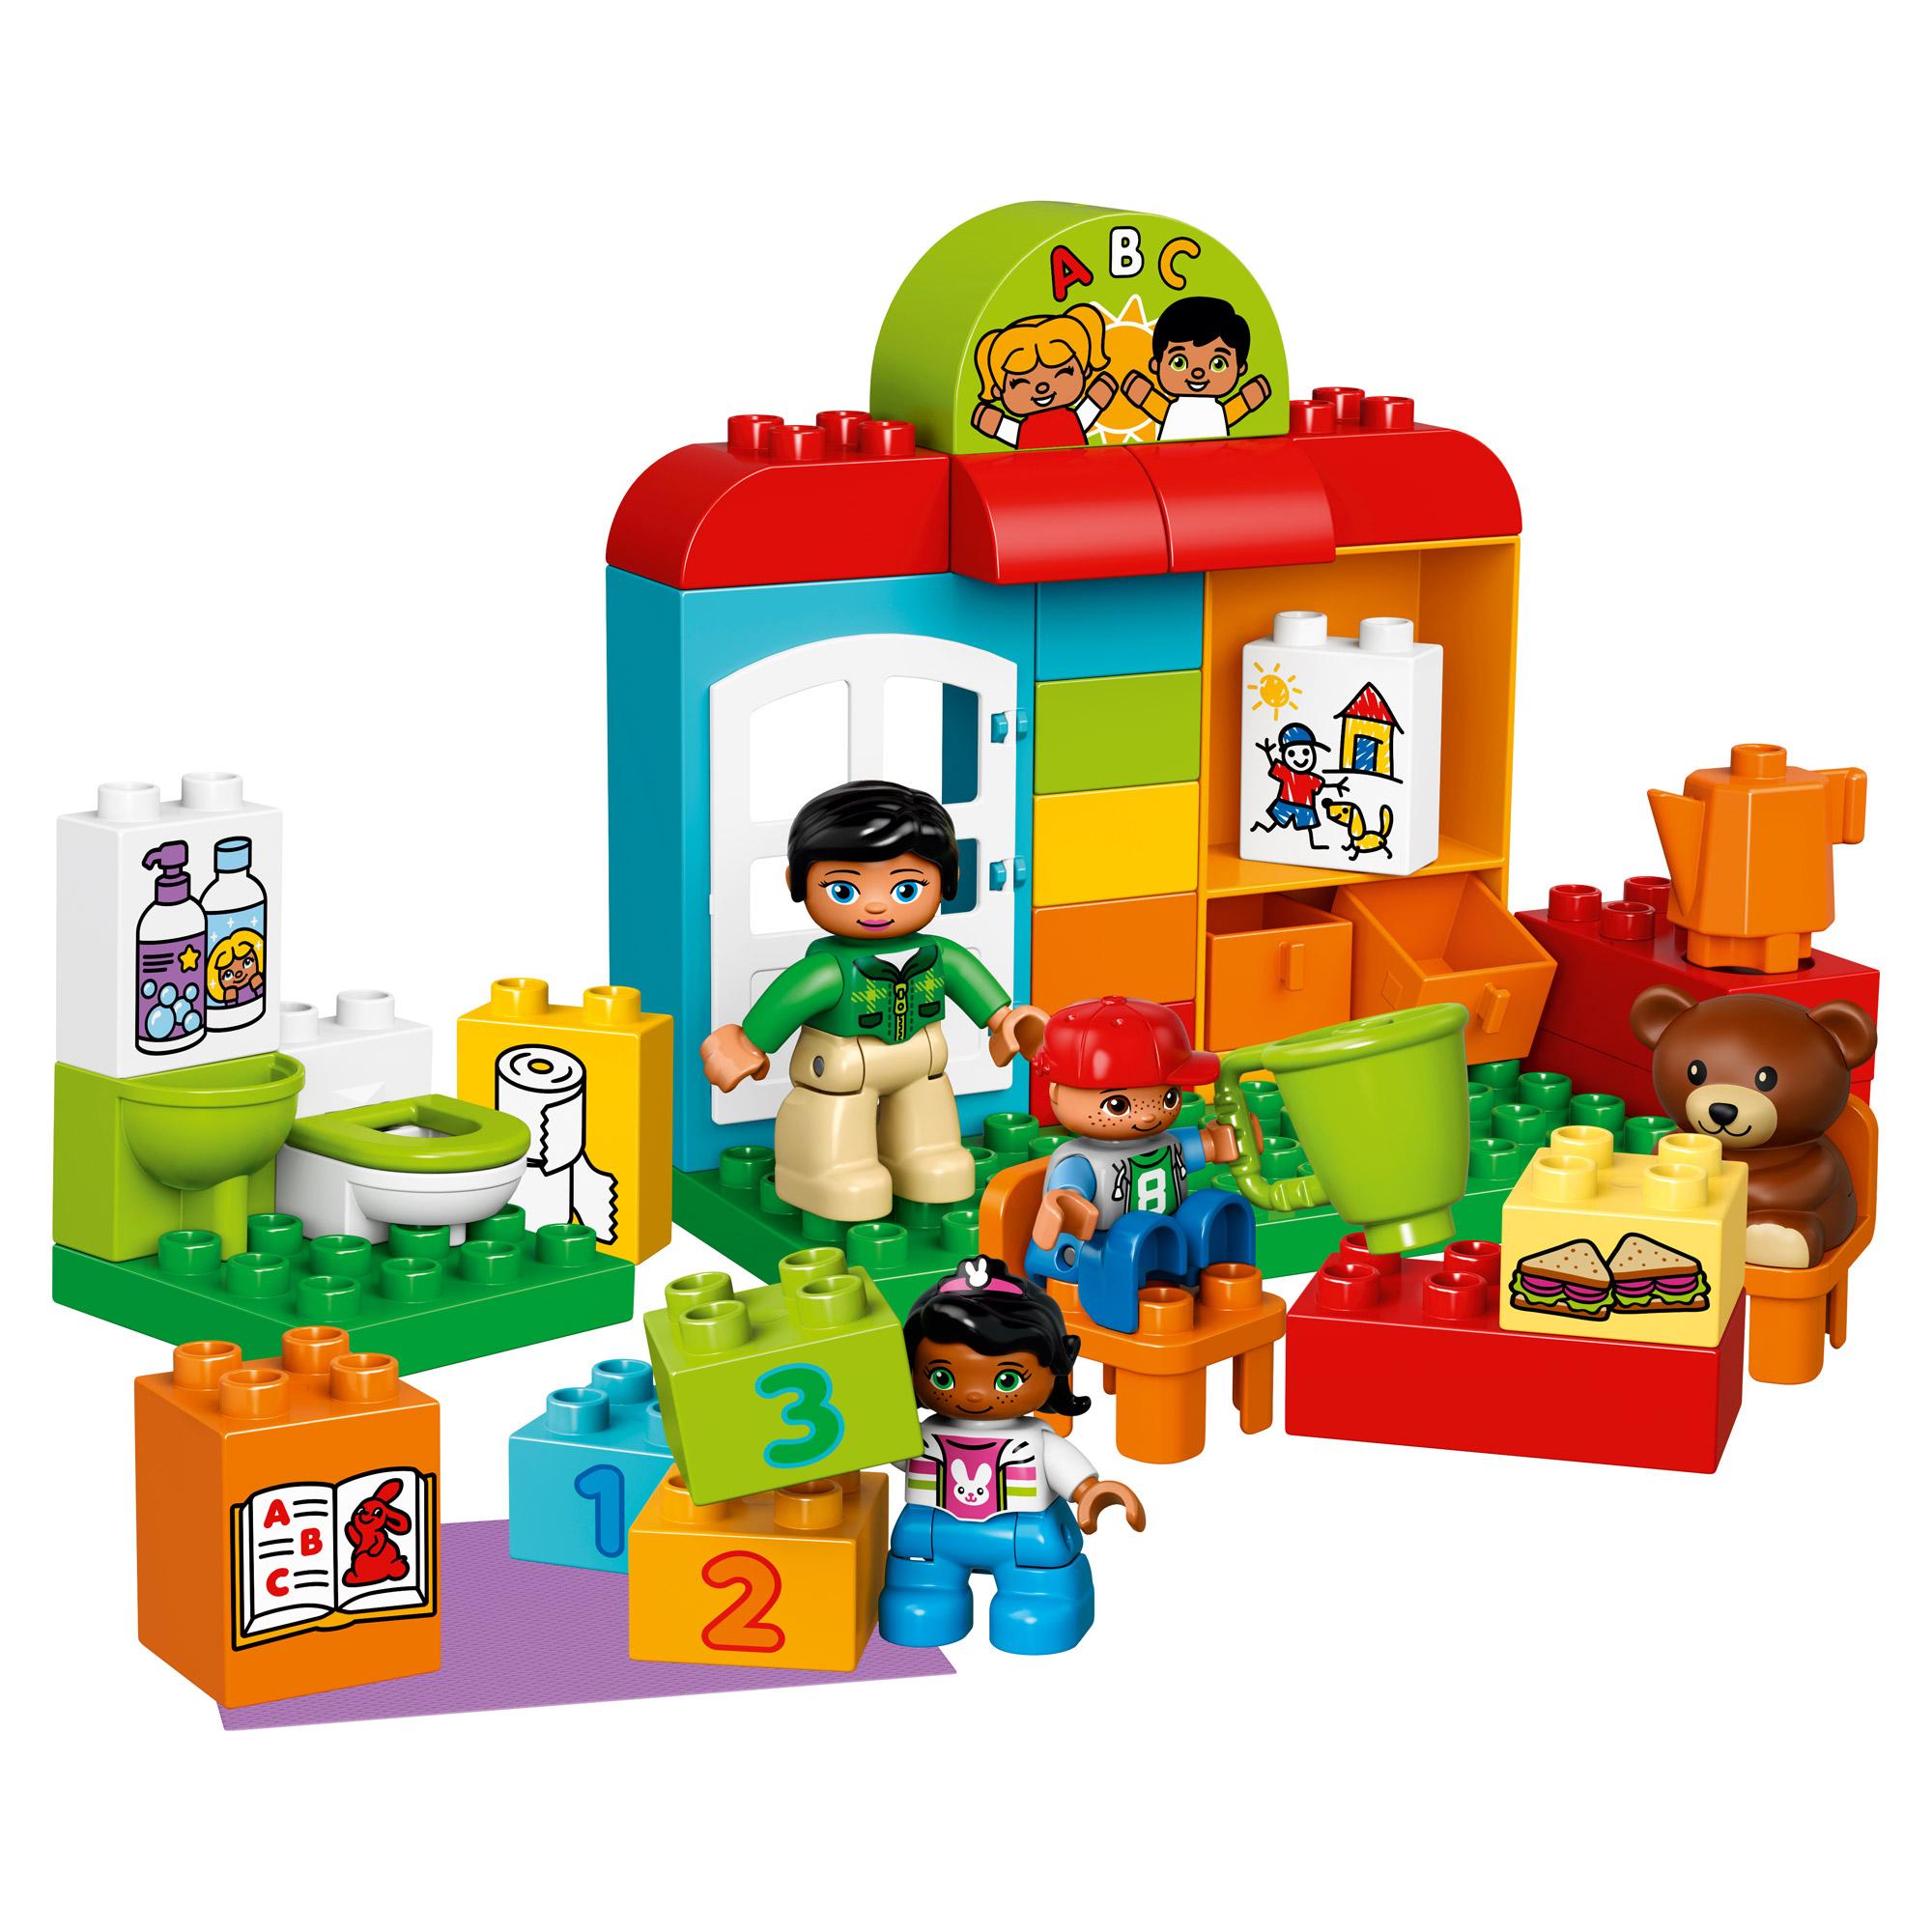 De Jouets Le D'enfants Multicolore Jardin Y7vbfgy6 Lego® D Duplo®autres O8k0wPn